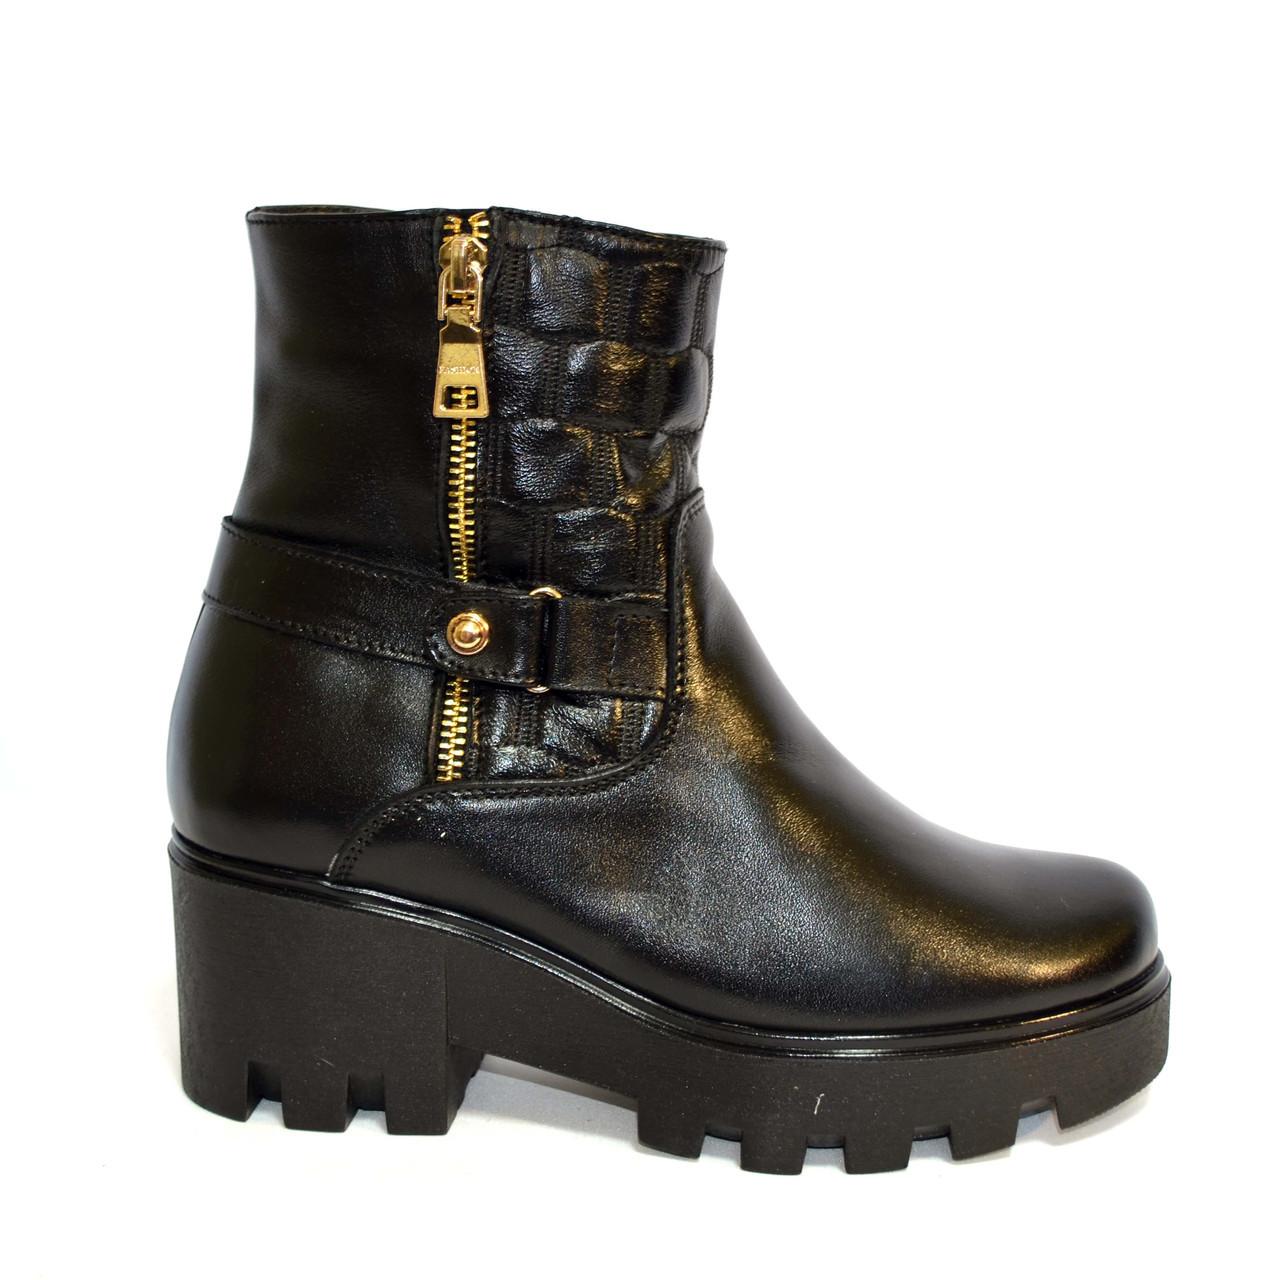 7b5c4c41f Женские зимние кожаные ботинки на тракторной подошве, декорированы молнией  и ремешком ...